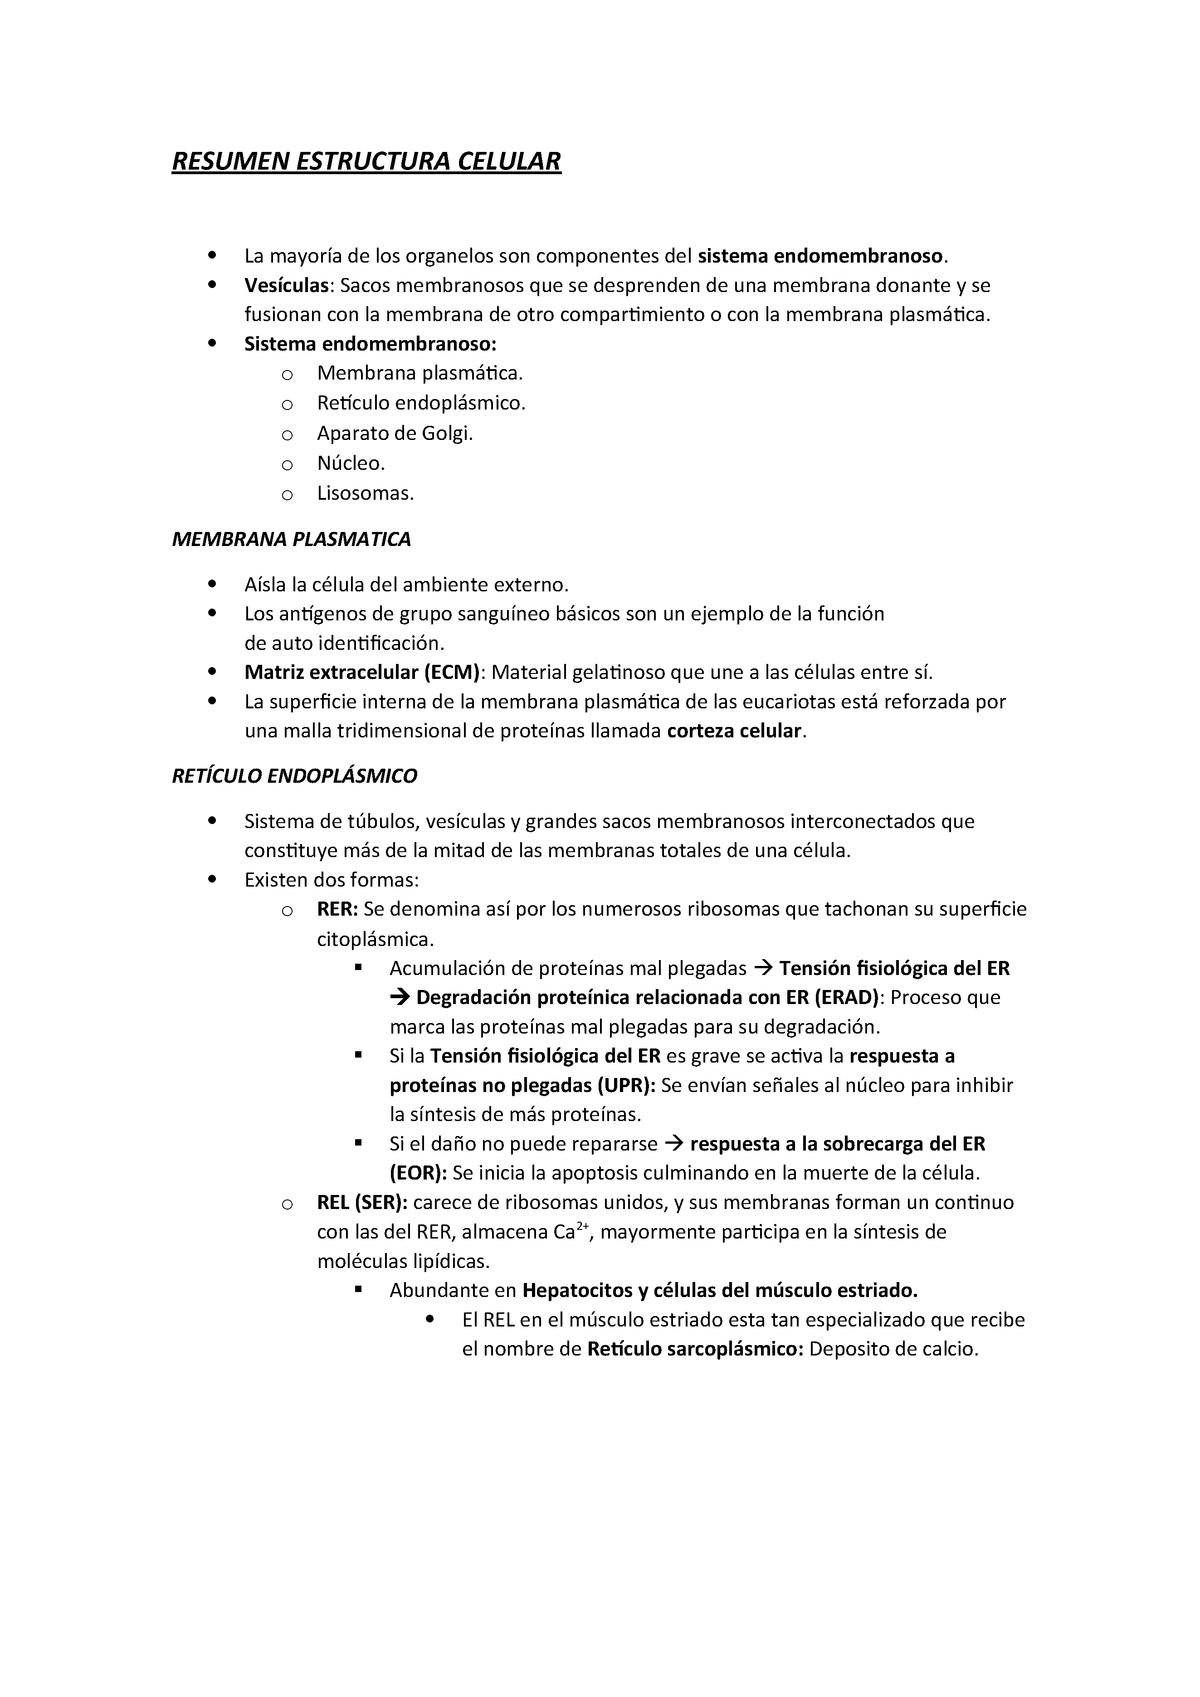 Fisiología 12 Estructura Celular Fis Uady Studocu